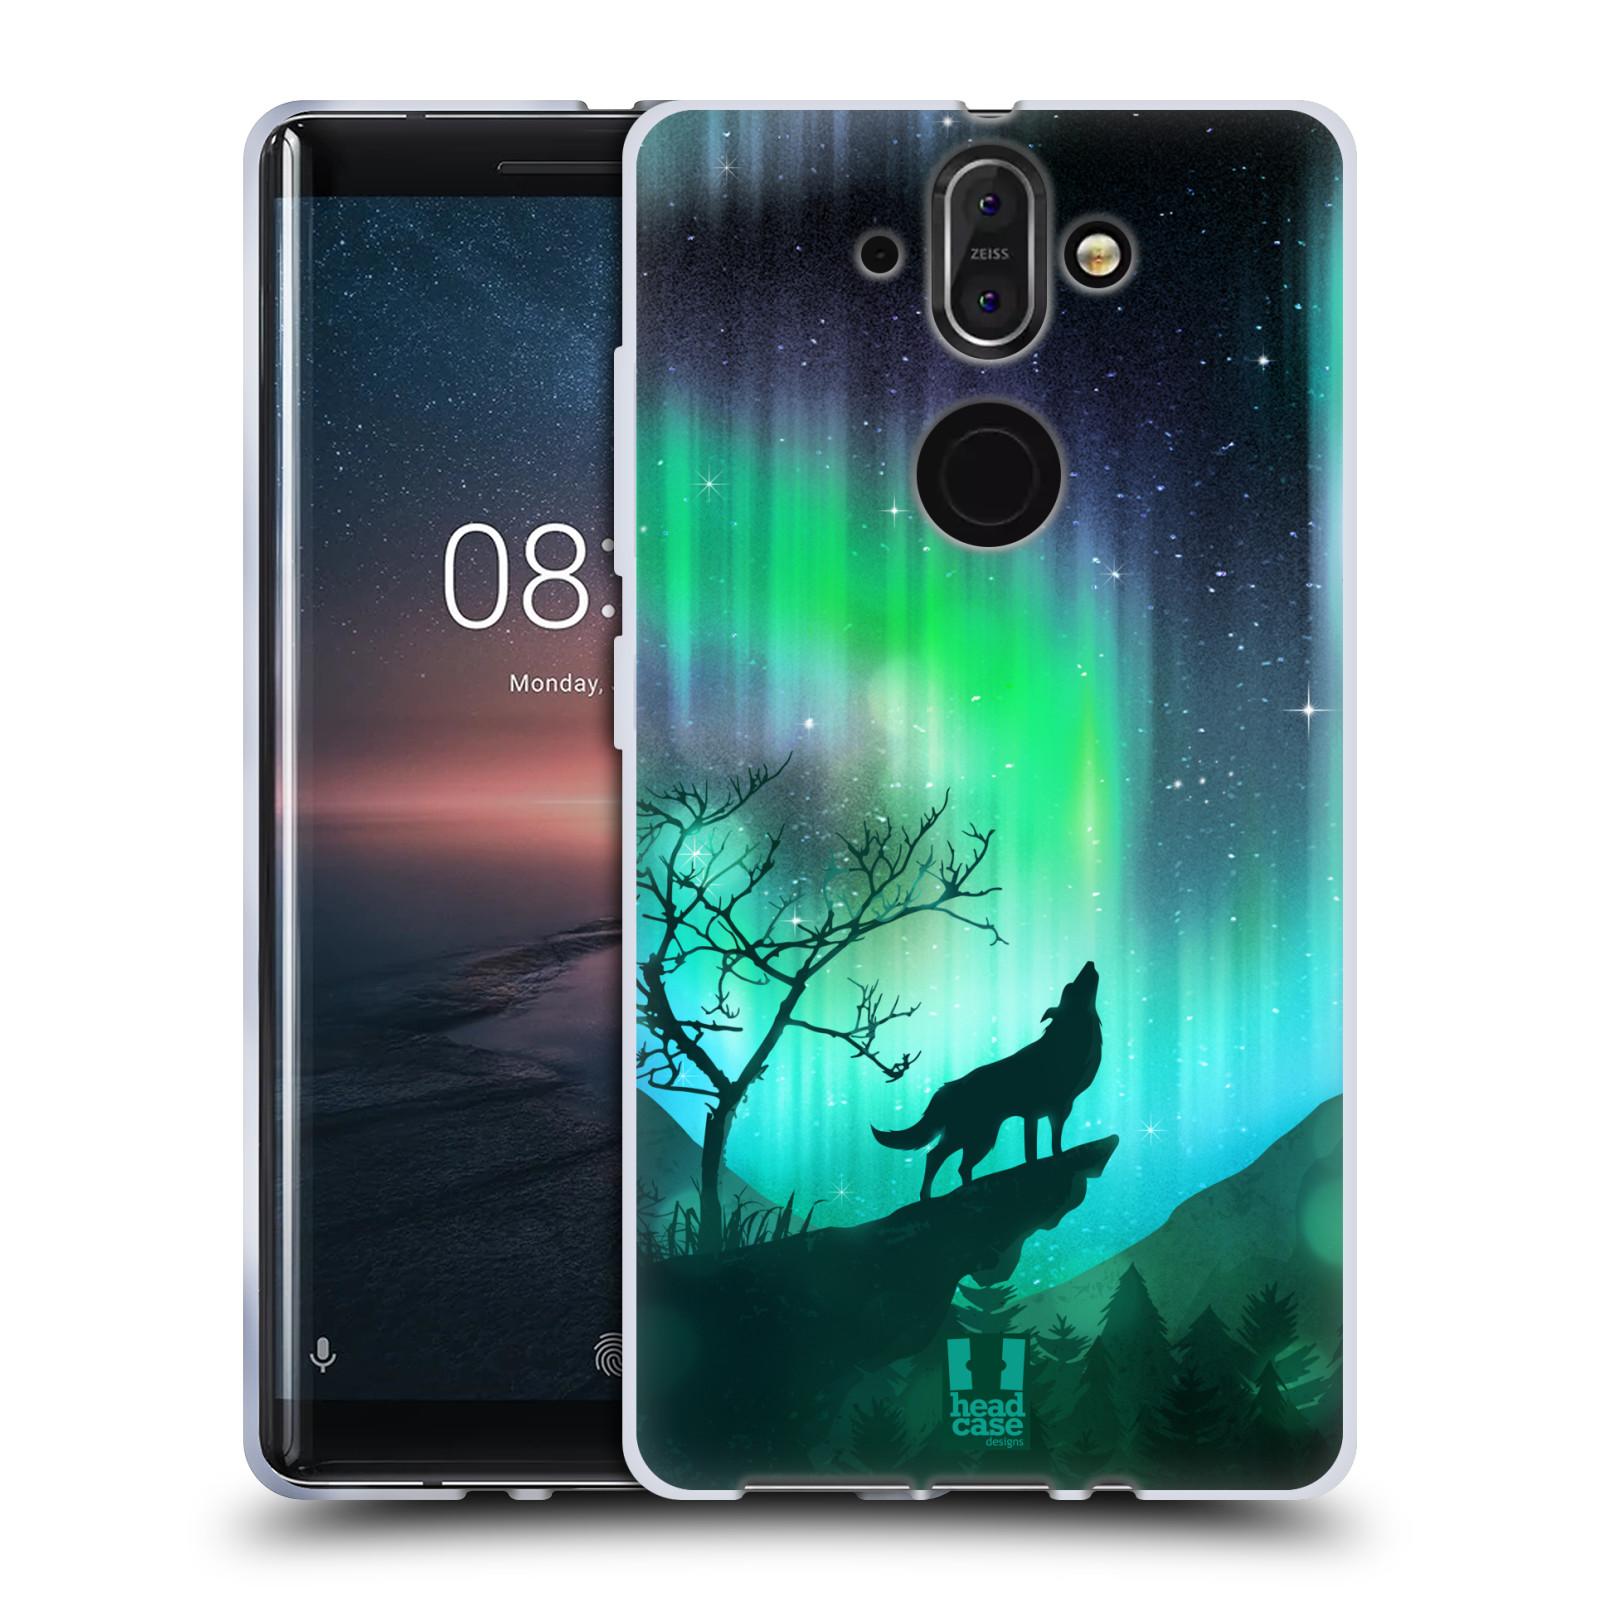 Silikonové pouzdro na mobil Nokia 8 Sirocco - Head Case - POLÁRNÍ ZÁŘE VLK (Silikonový kryt či obal na mobilní telefon Nokia 8 Sirocco s motivem POLÁRNÍ ZÁŘE VLK)